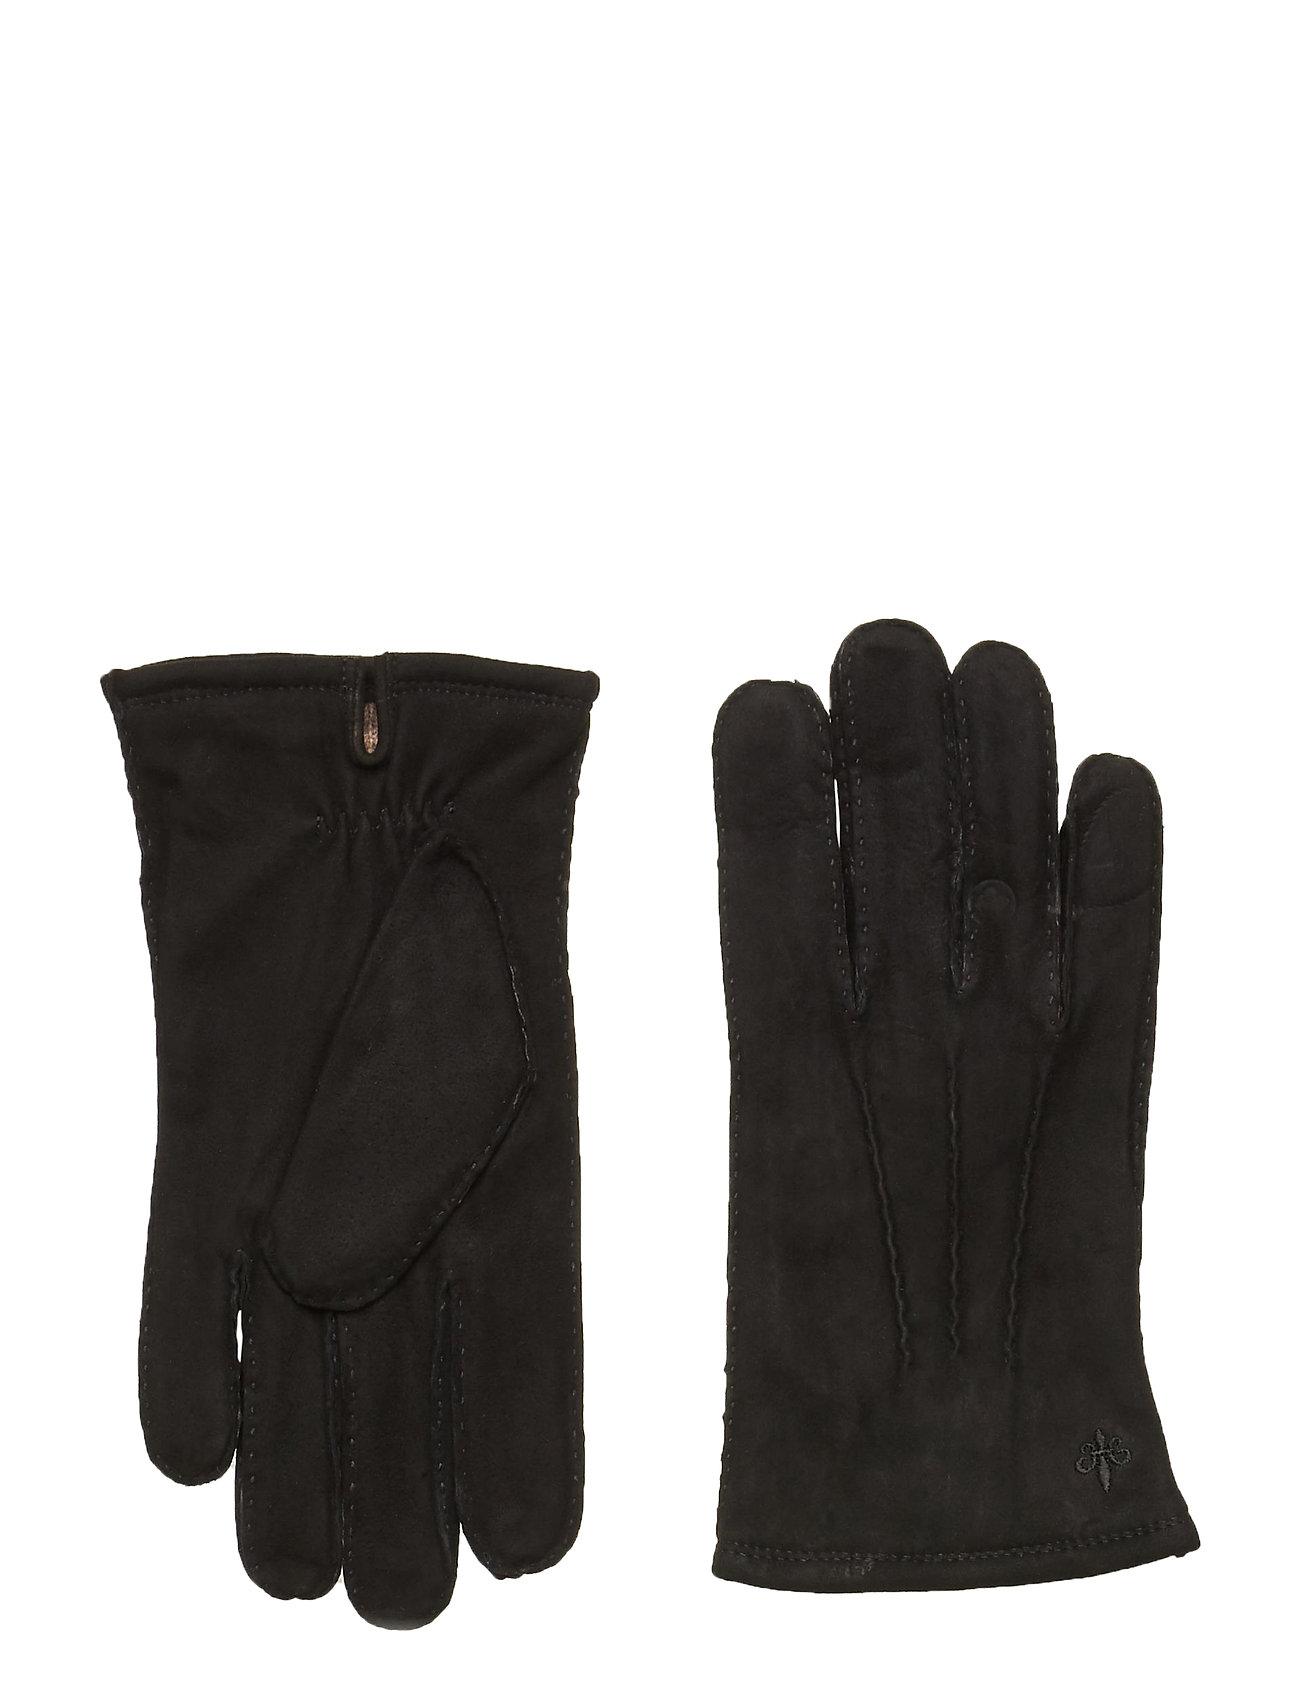 Image of Morris Suede Gloves Handsker Sort Morris (3486936905)